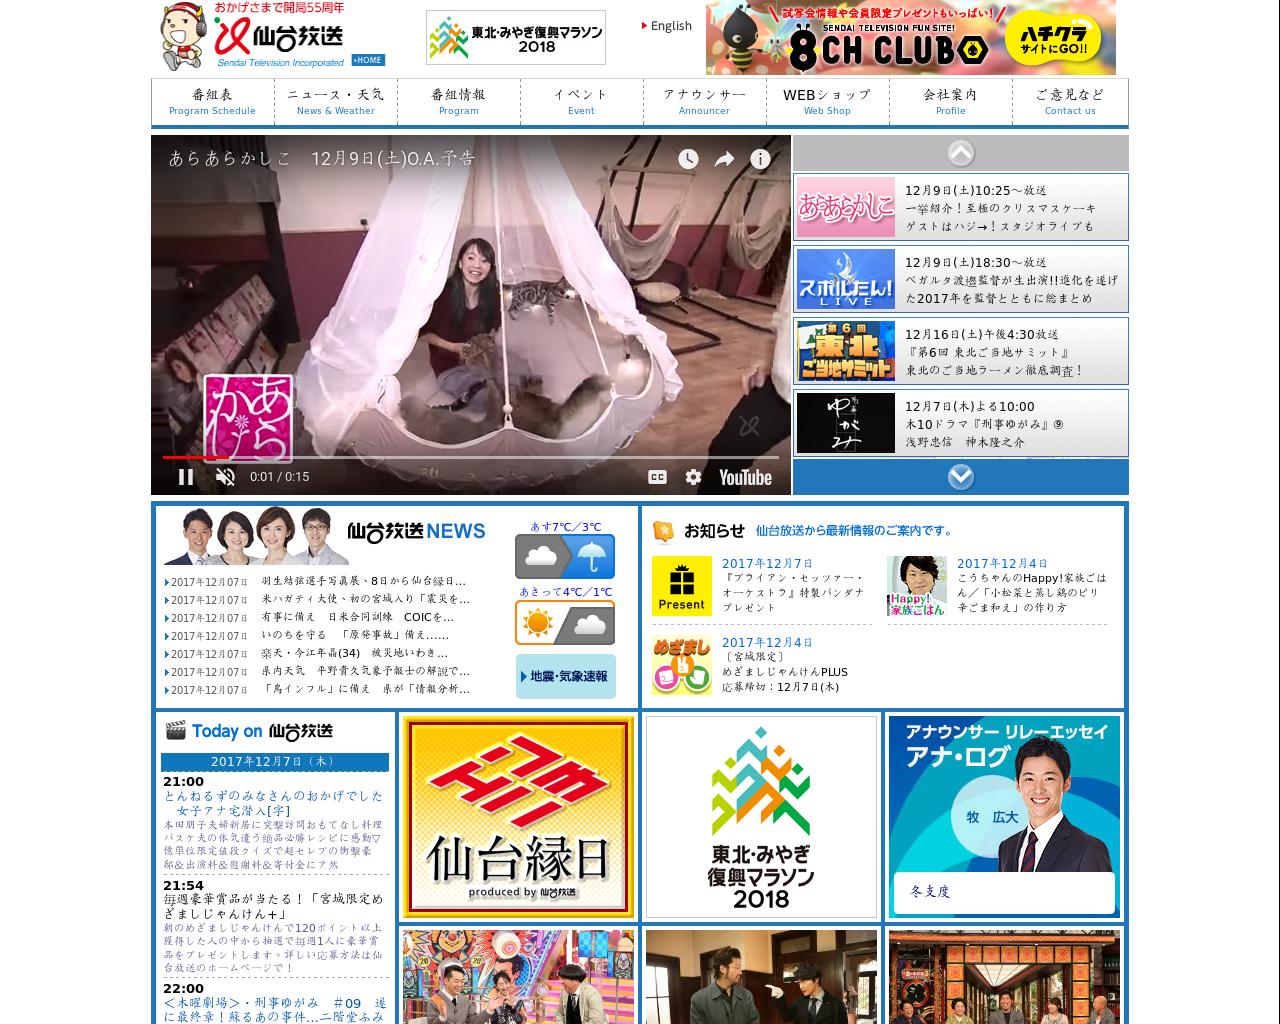 www.ox-tv.co.jp(2017/12/07 11:45:31)